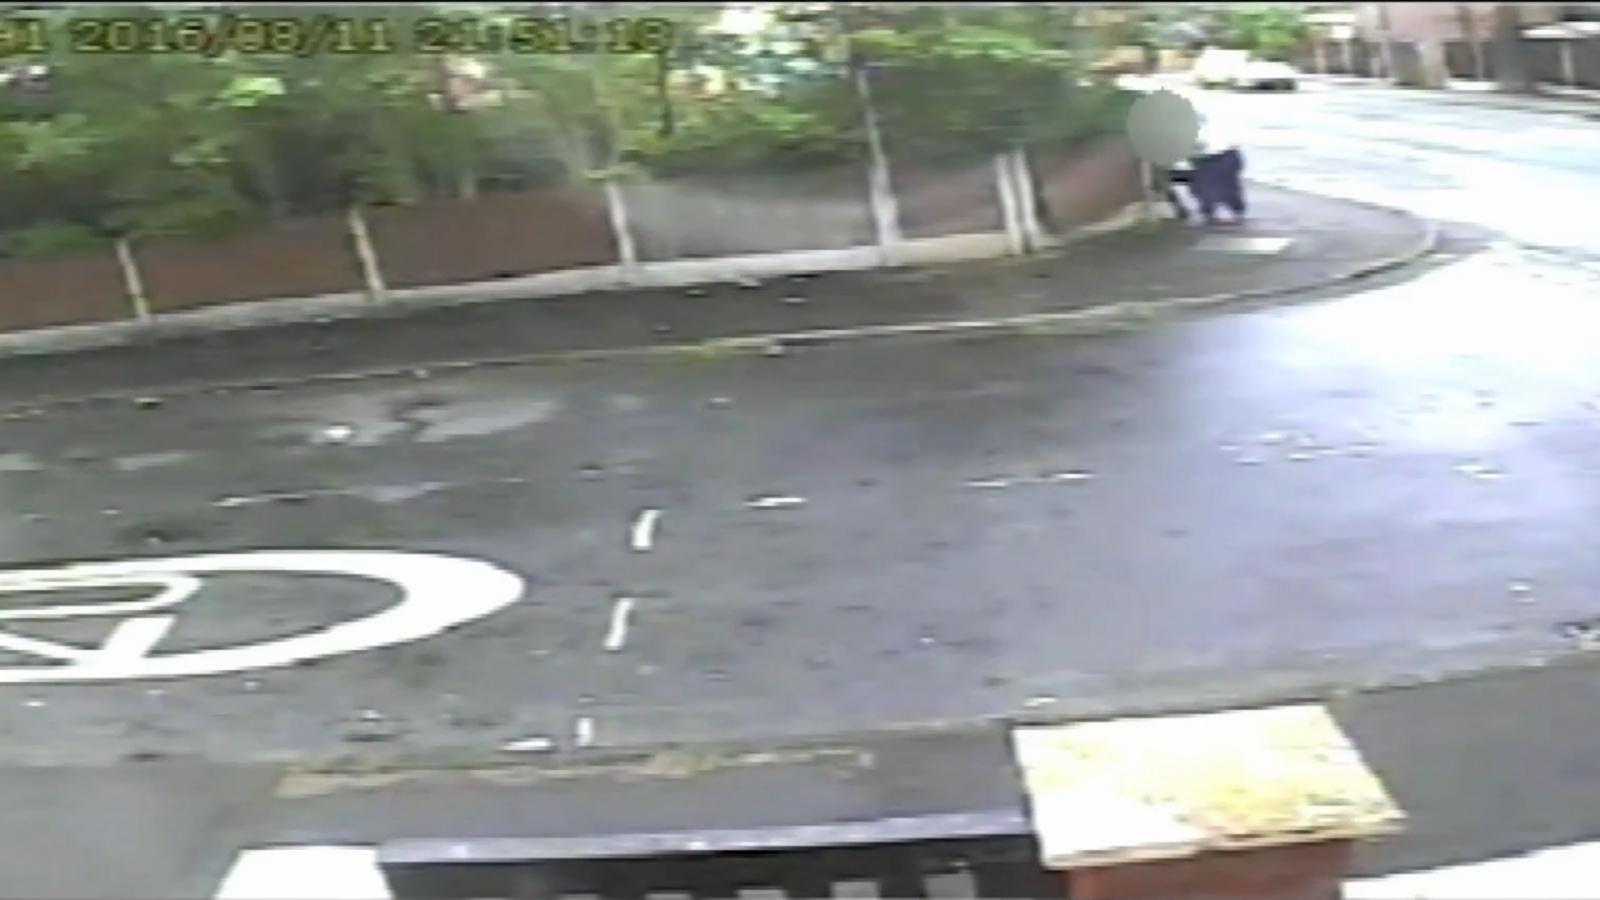 CCTV captures shocking knife attack